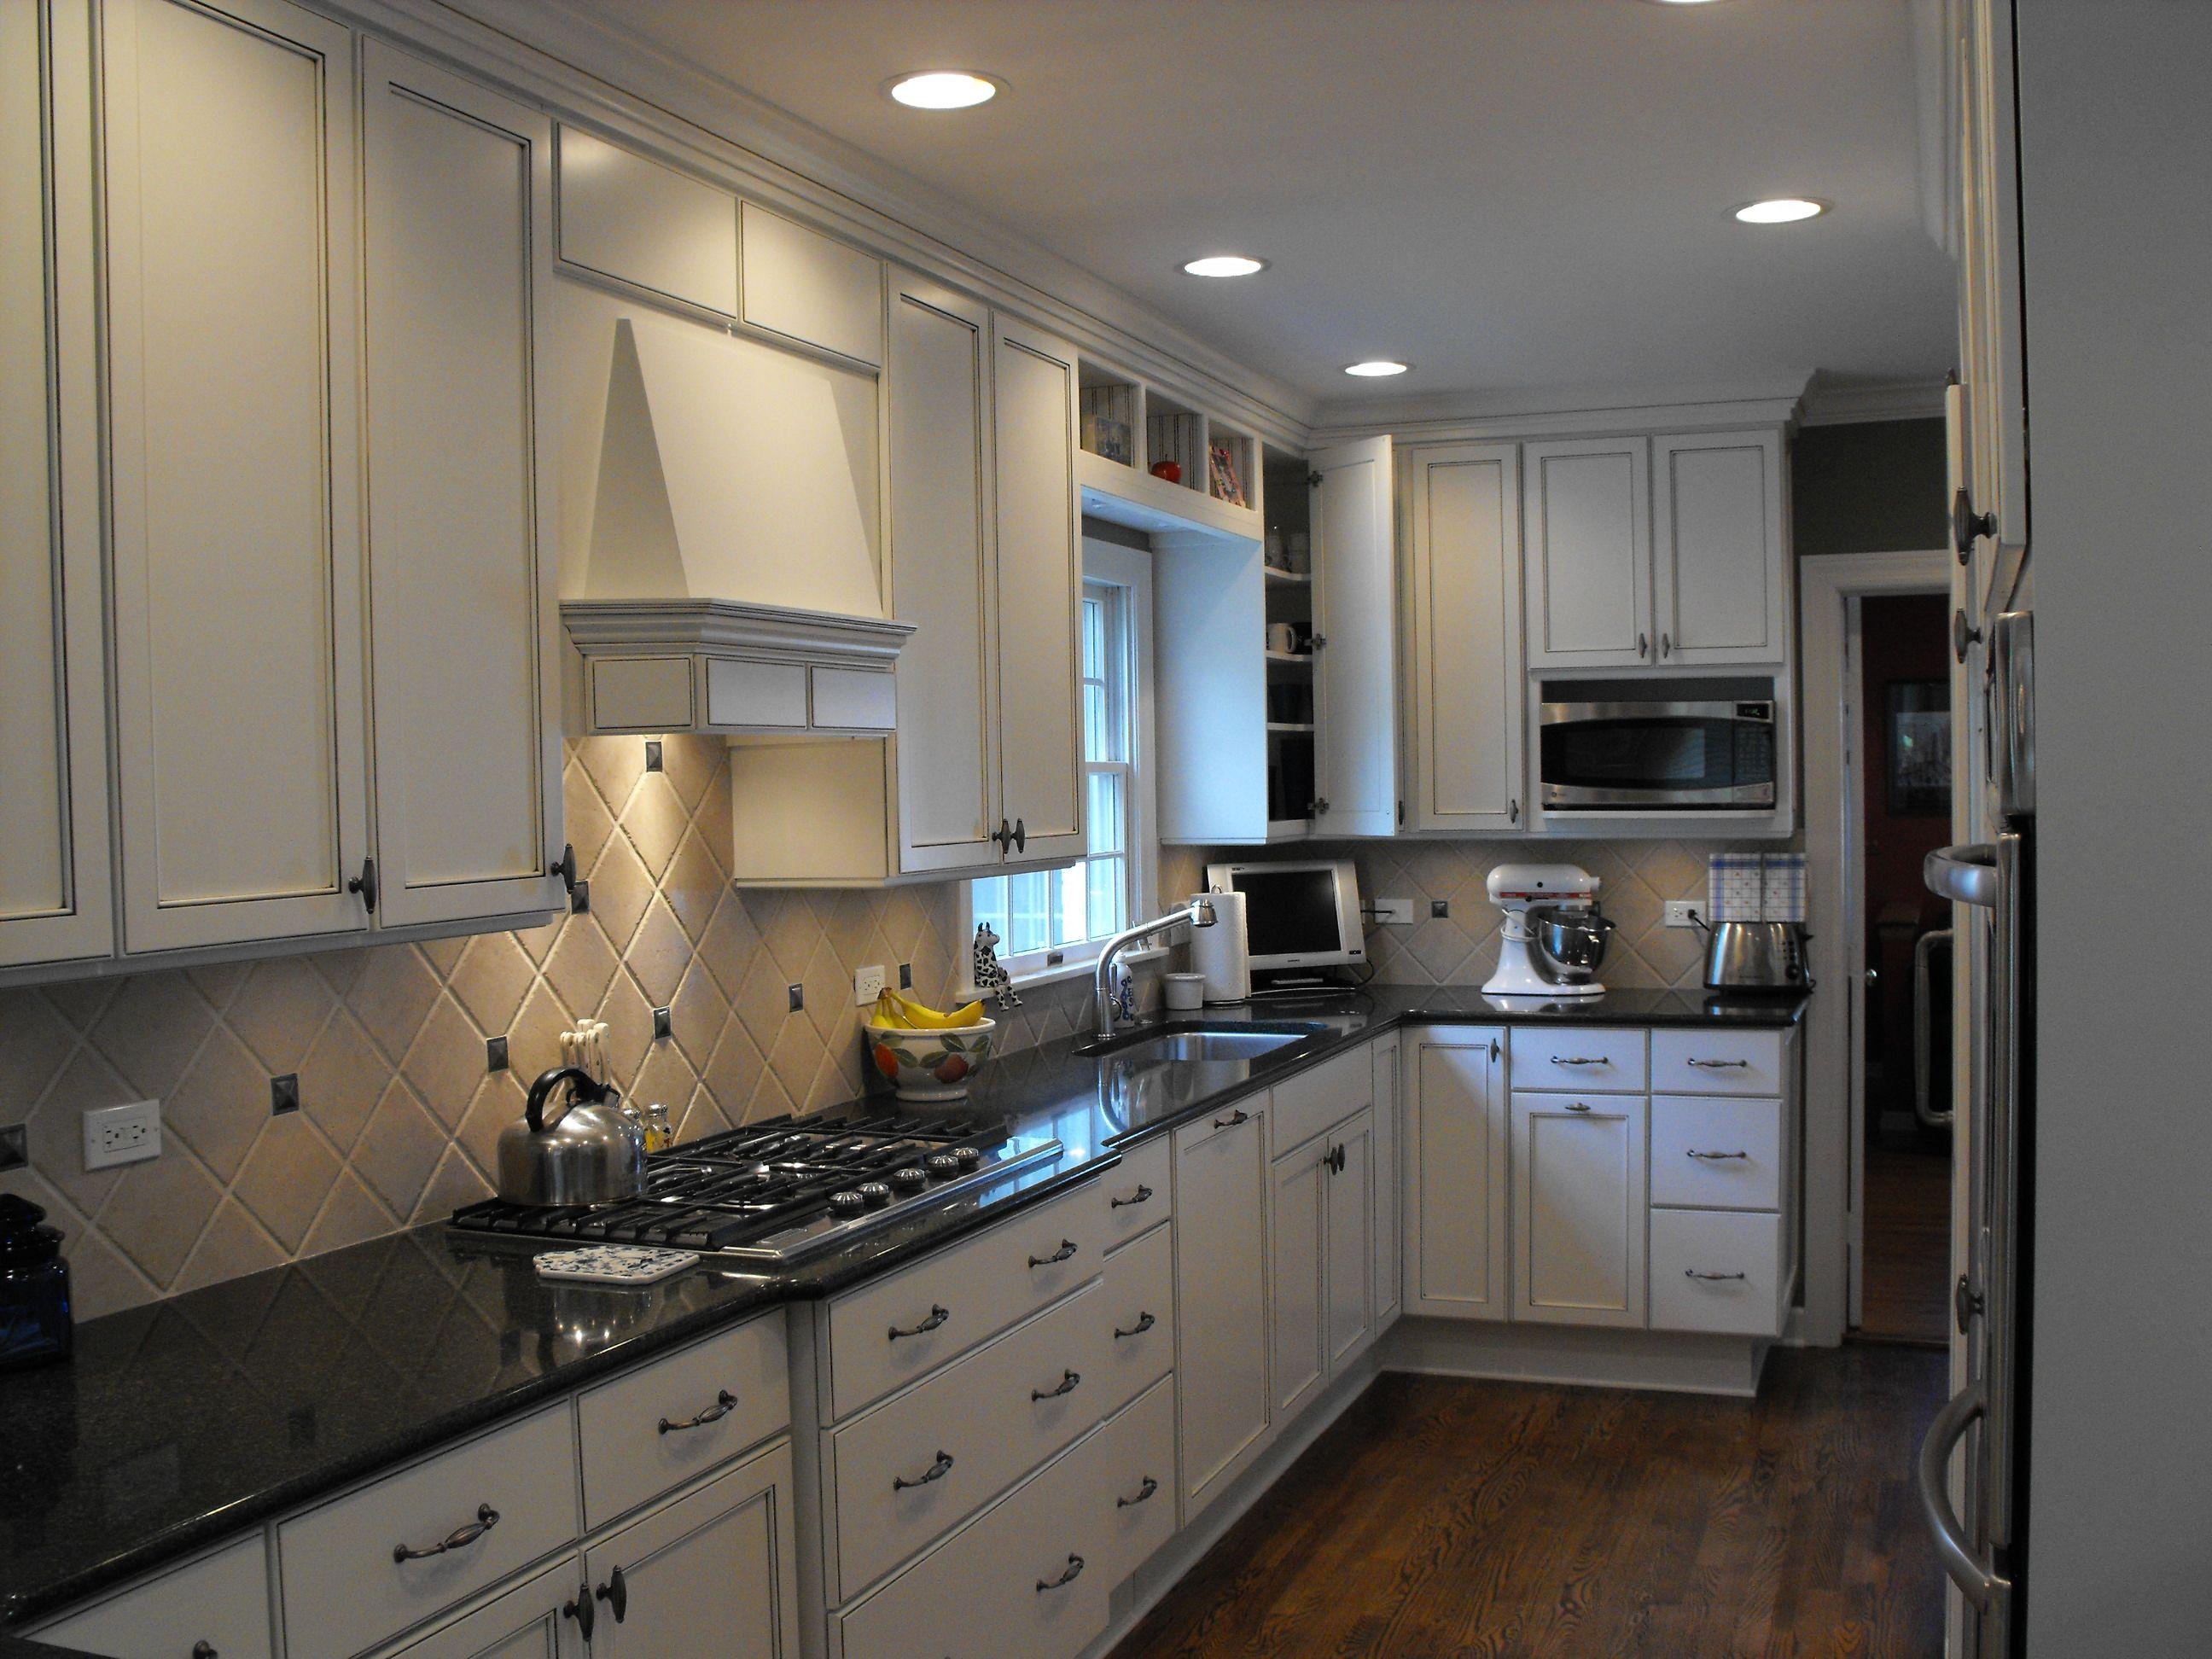 wilmette-kitchen   New kitchen designs, Paint cabinets ...